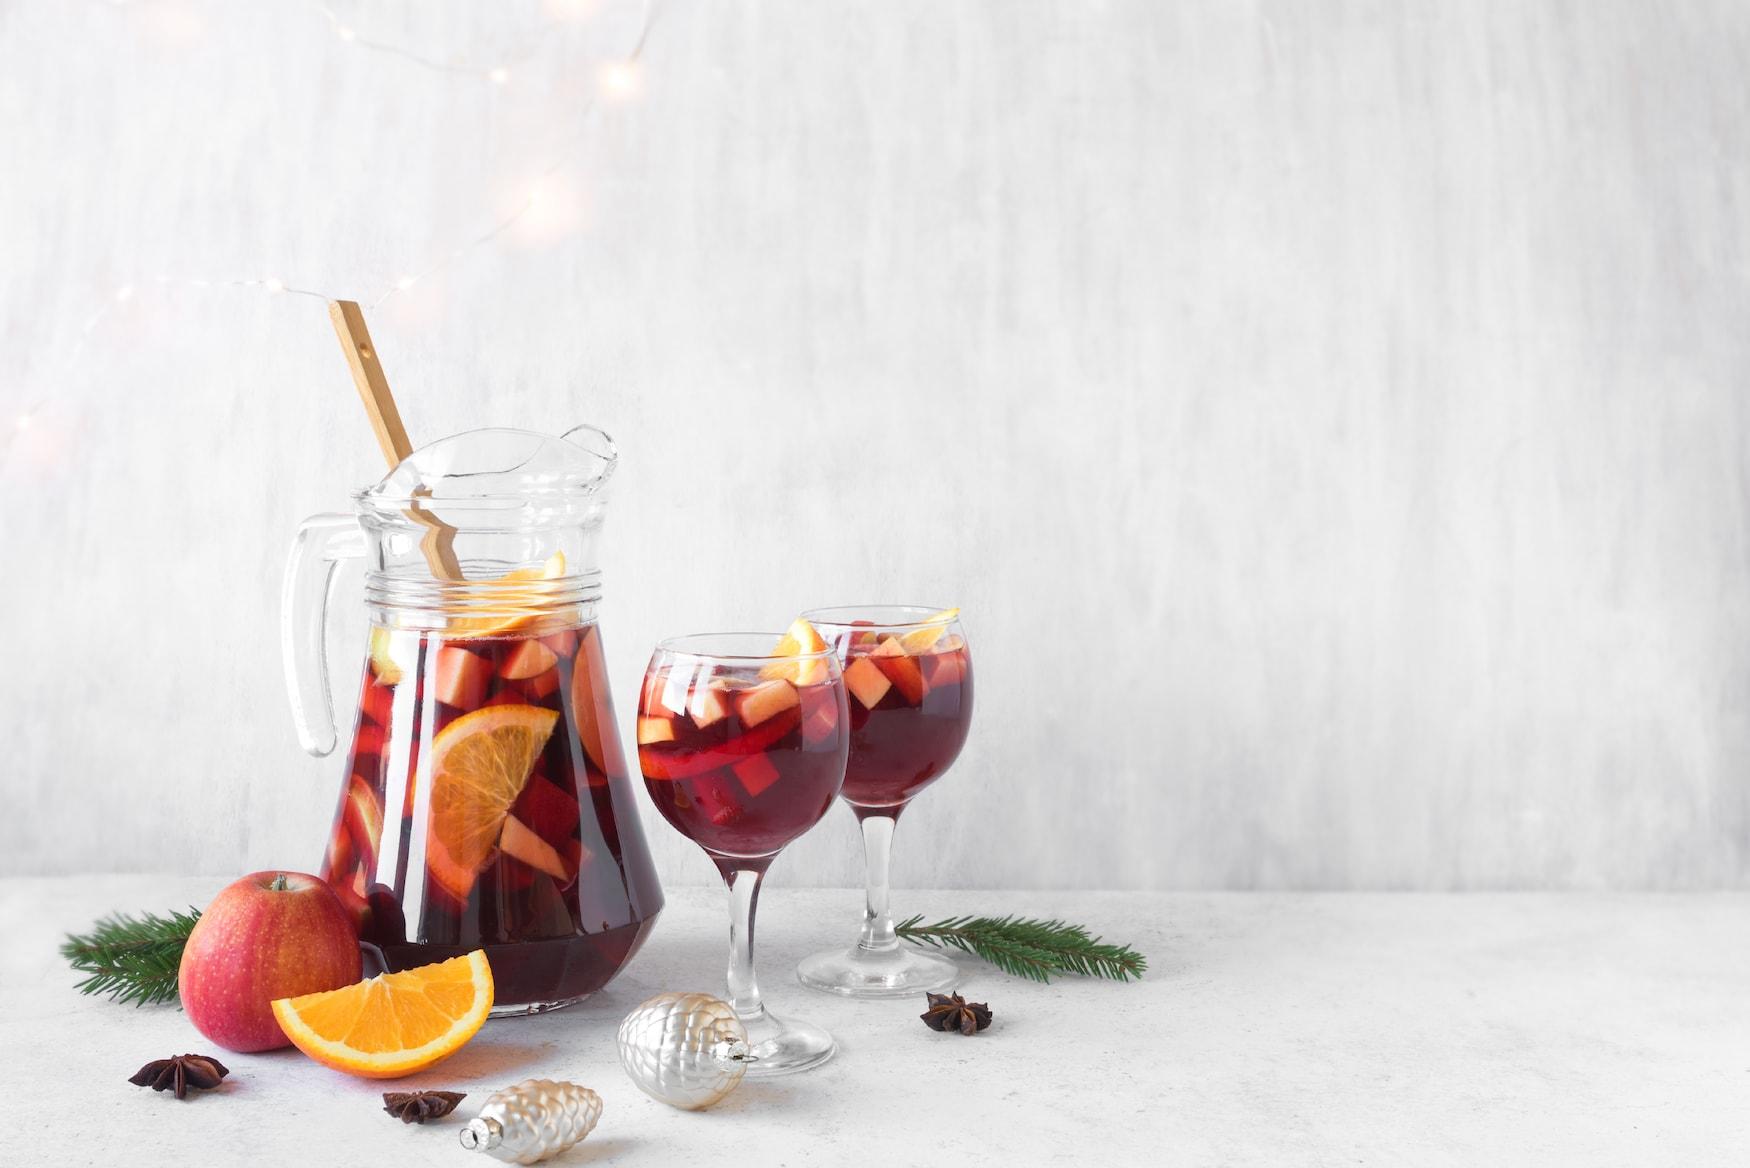 Hot Sangria - Drink in Spanien an Weihnachten